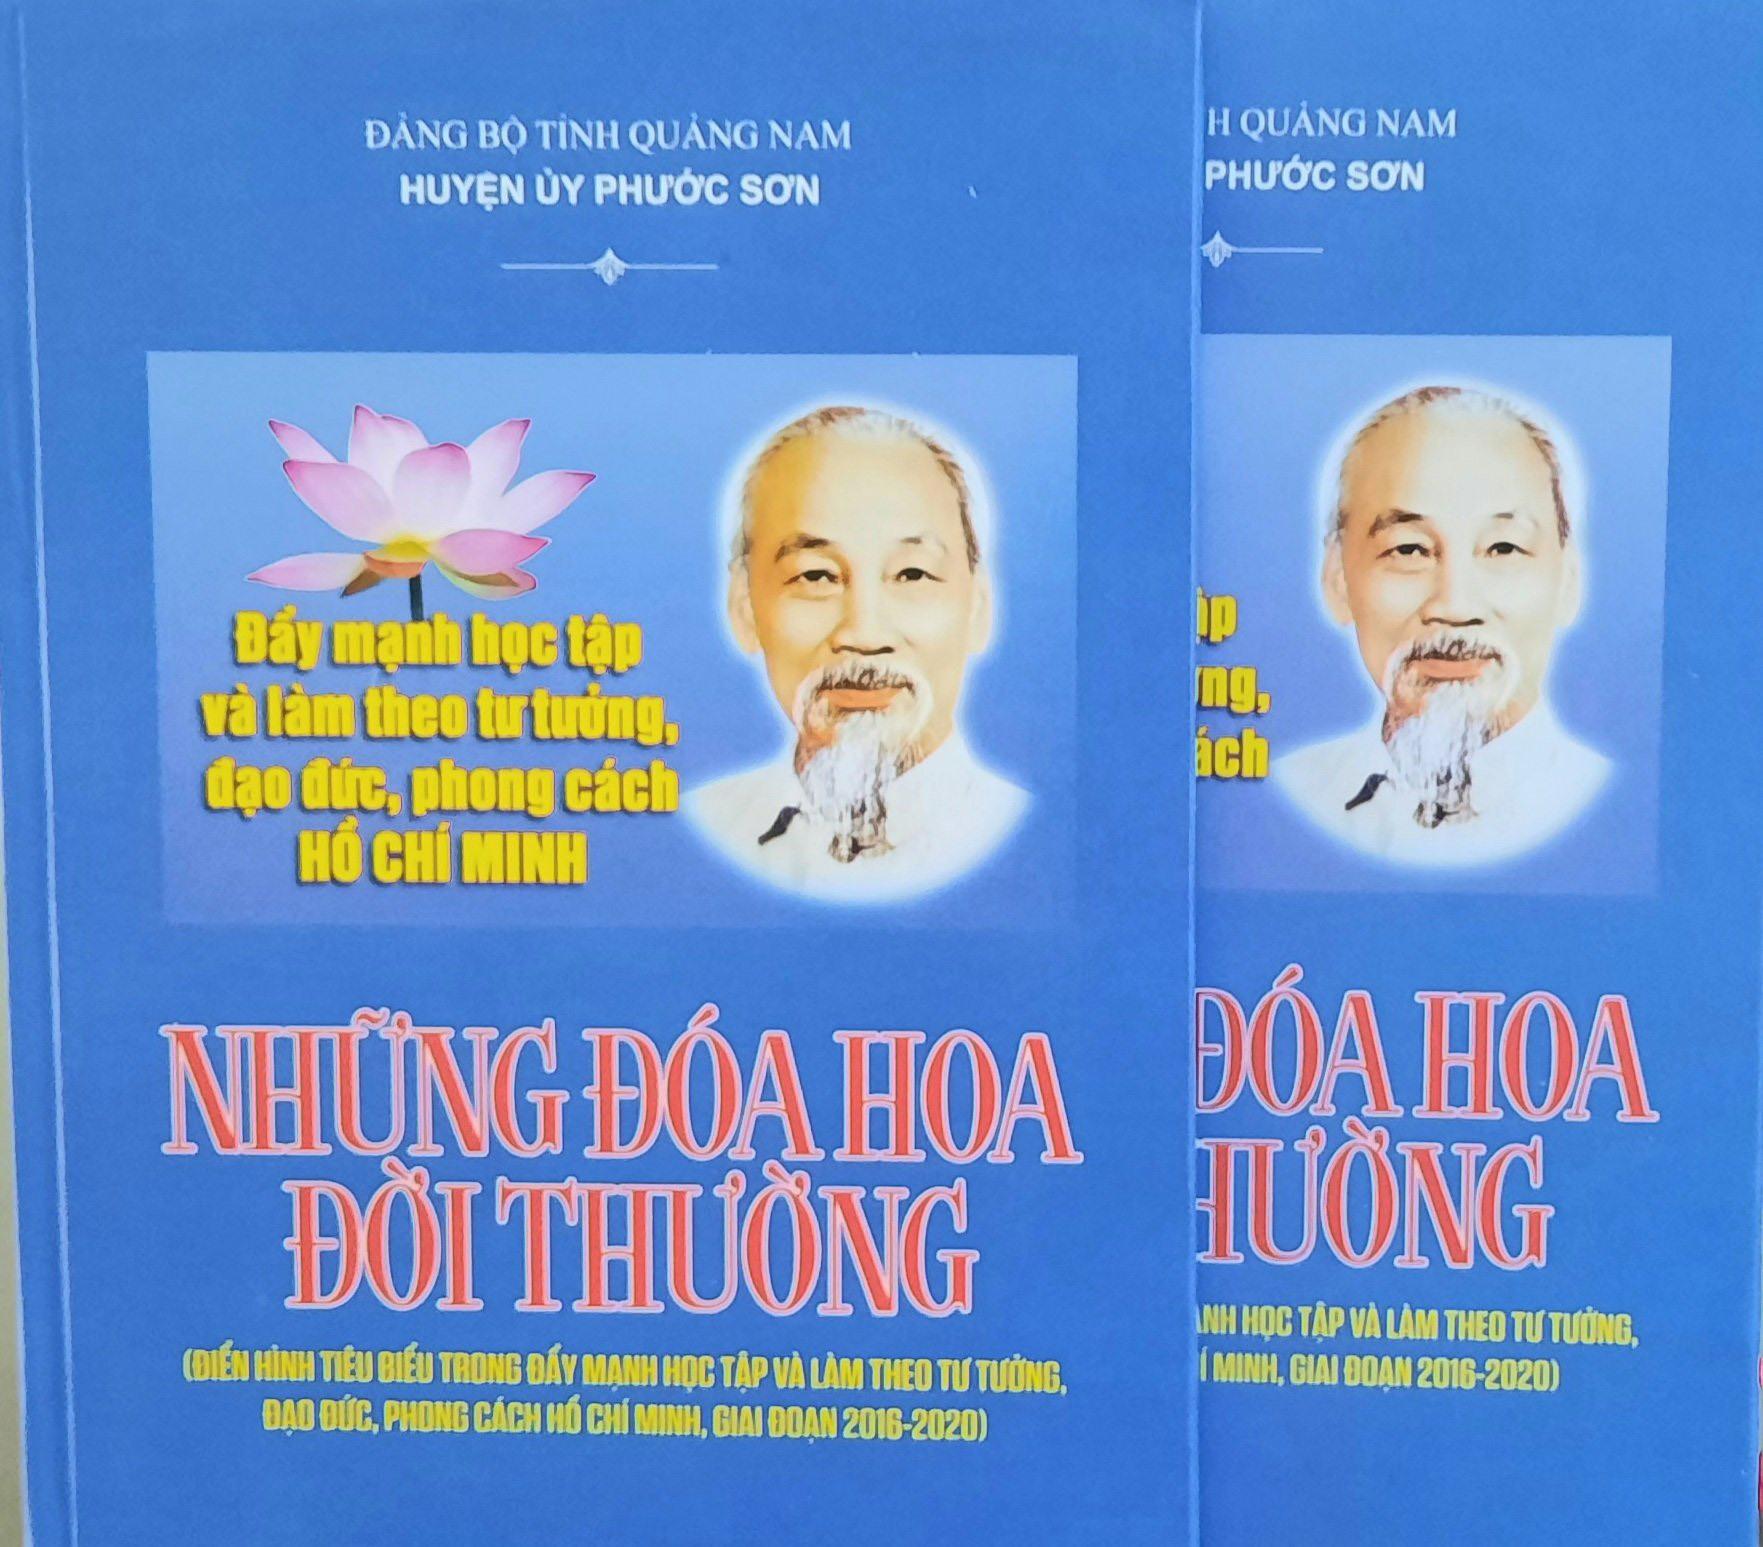 Tập sách tổng hợp những thành tựu nổi bật, các gương điển hình tiêu biểu về thực hiện Chỉ thị 05 trên địa bàn huyện Phước sơn giai đoạn 2016 - 2020.